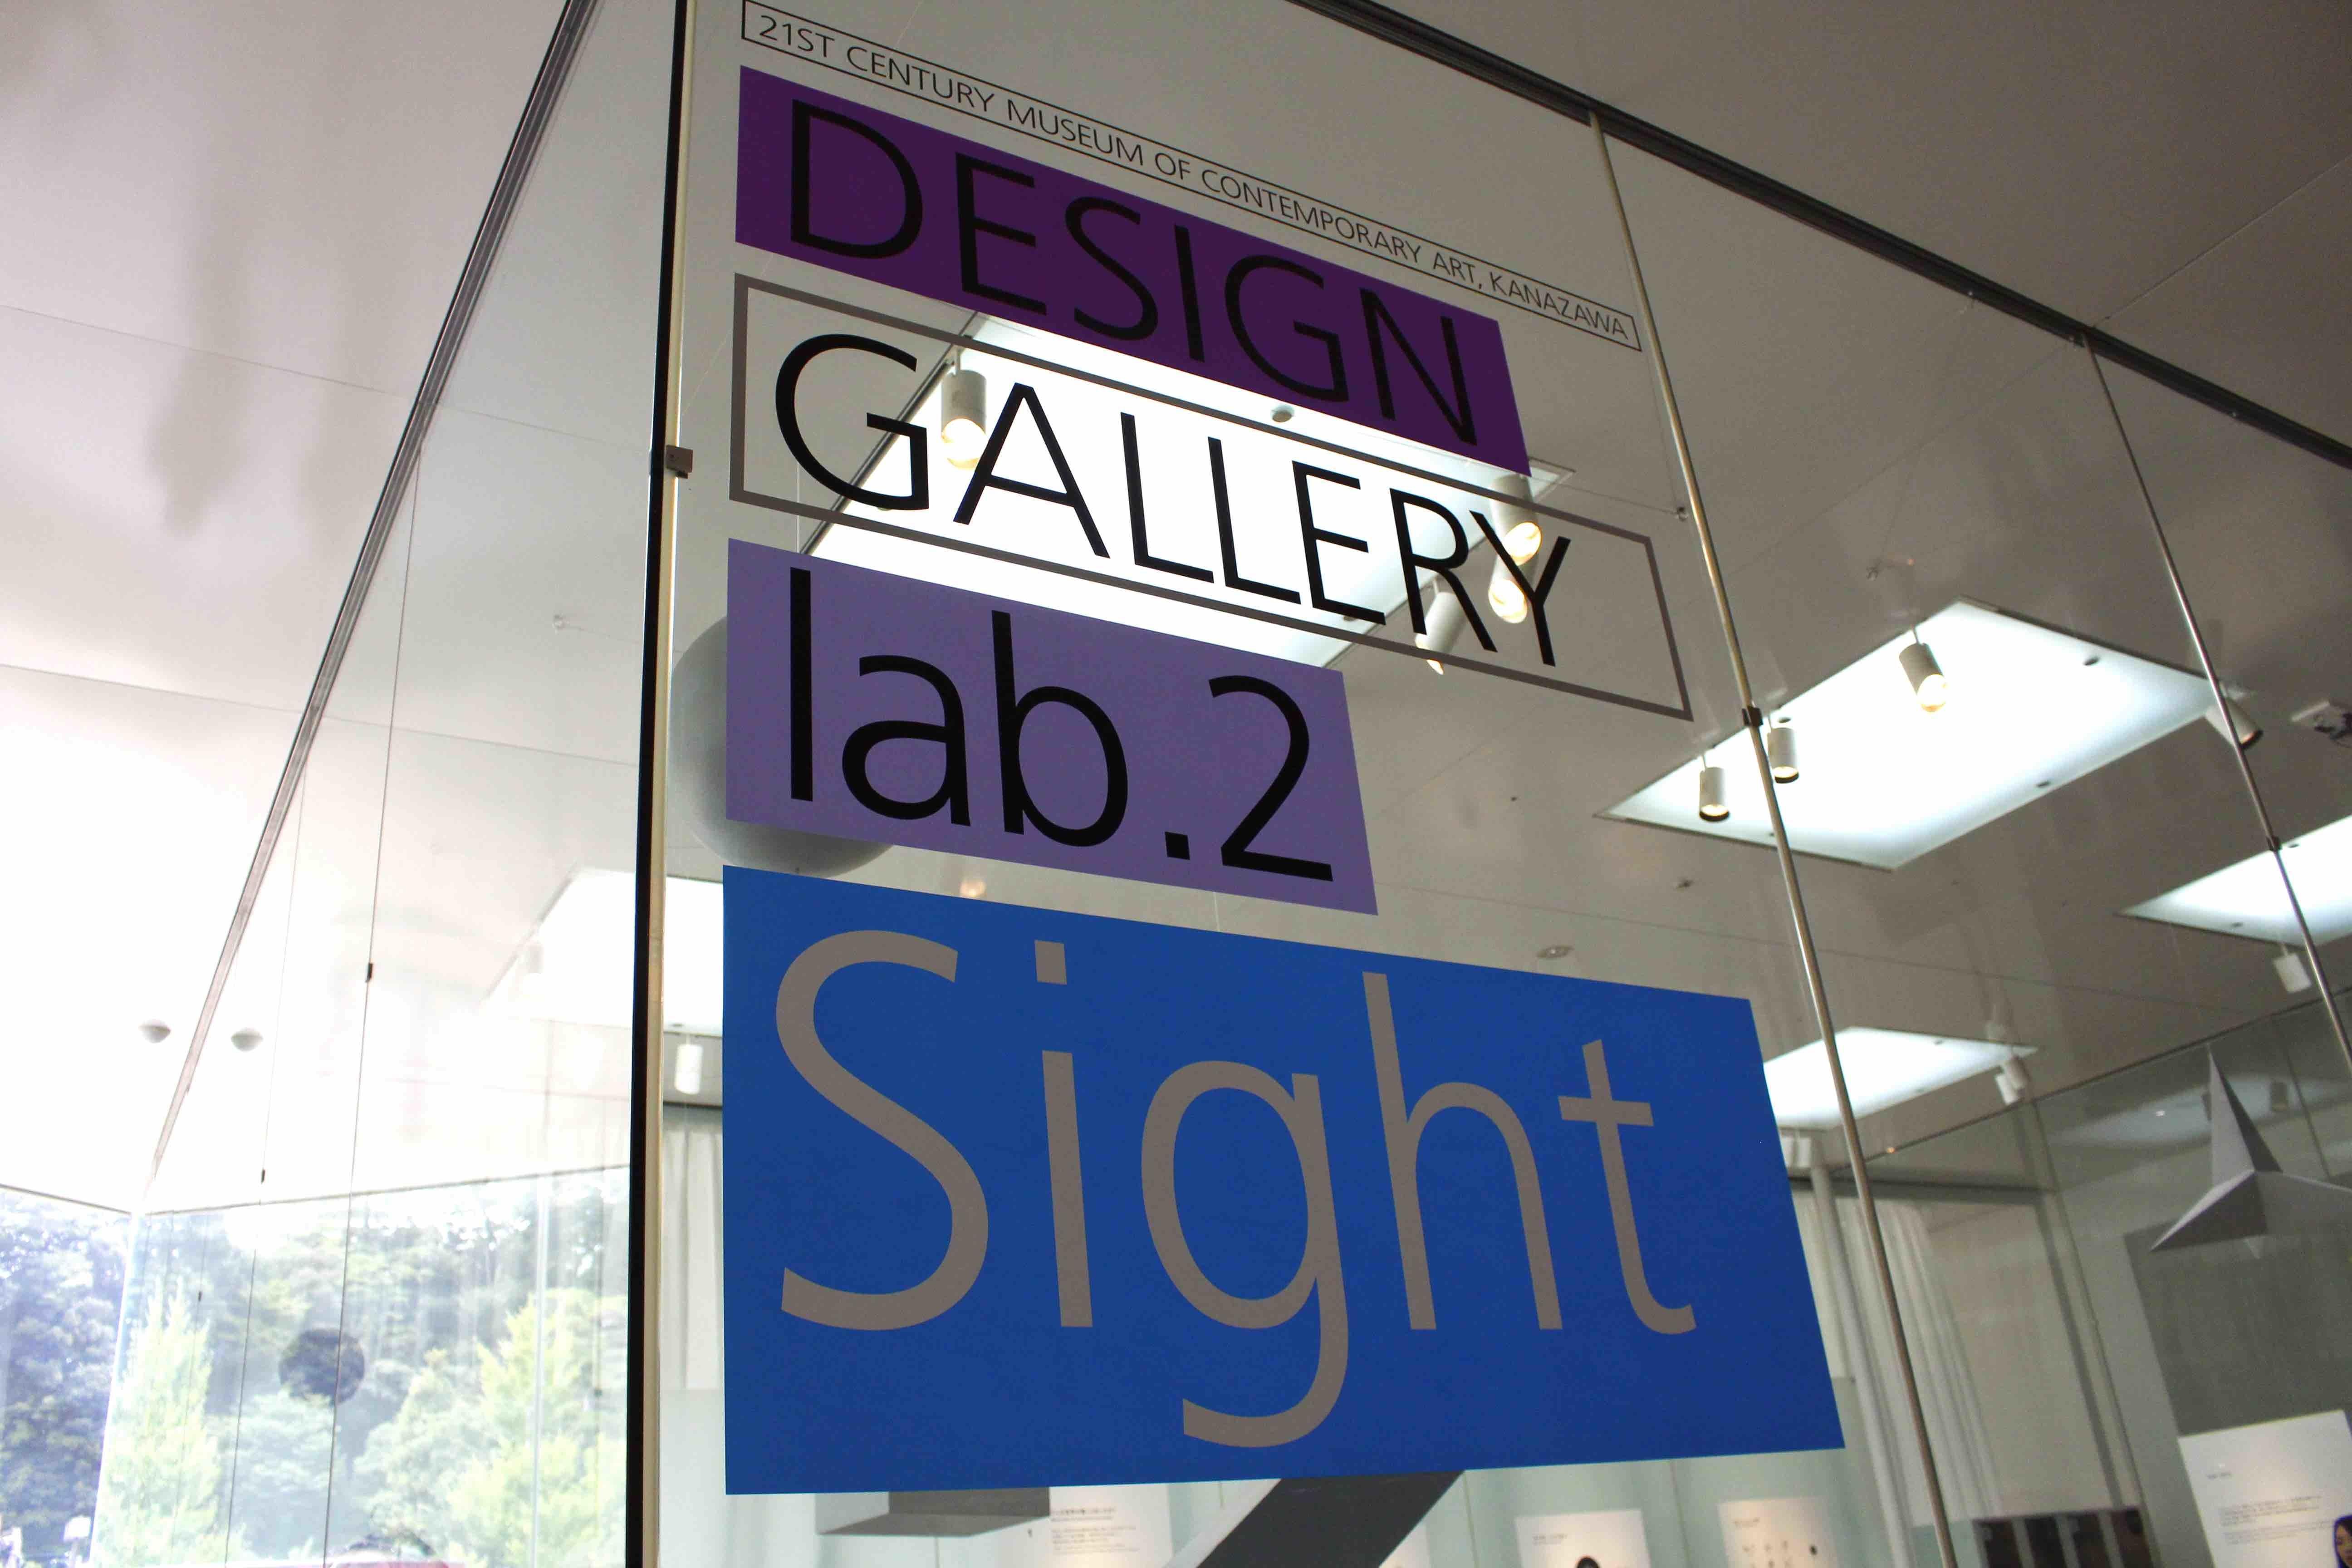 2017091021世紀美術館Sight